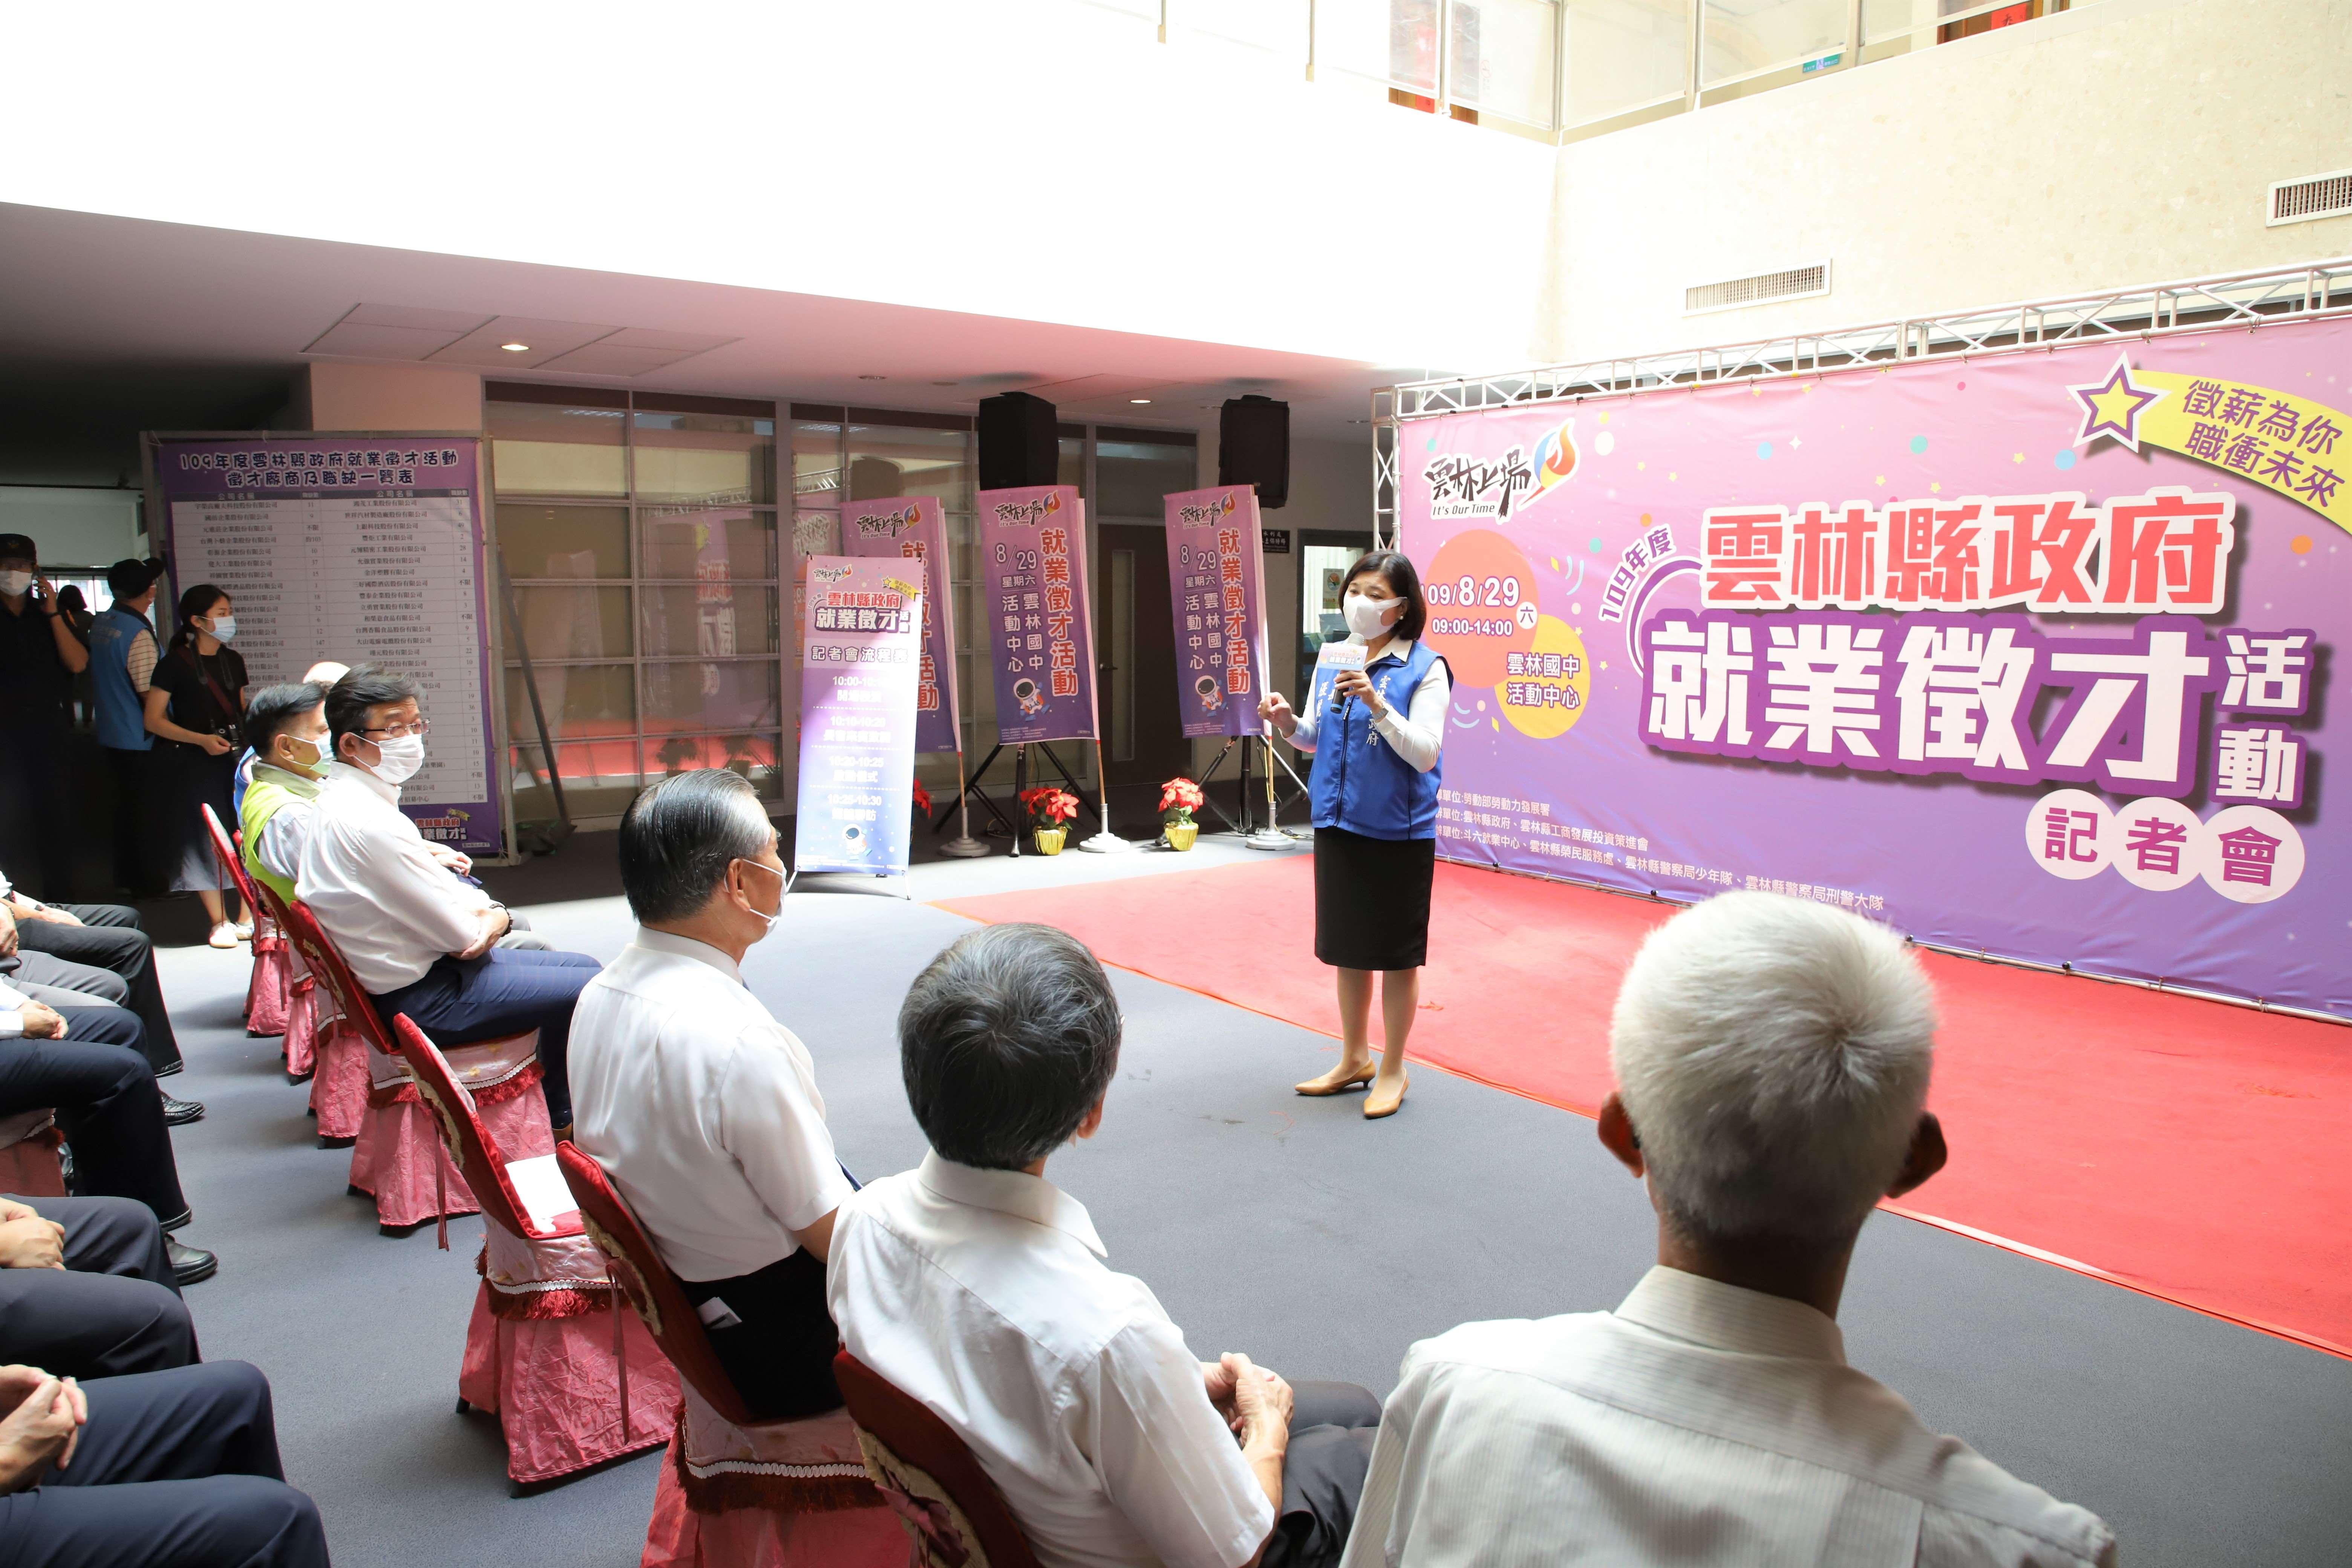 縣府舉辦就業徵才活動,本周六將在雲林國中登場,張縣長邀請民眾踴躍參加。